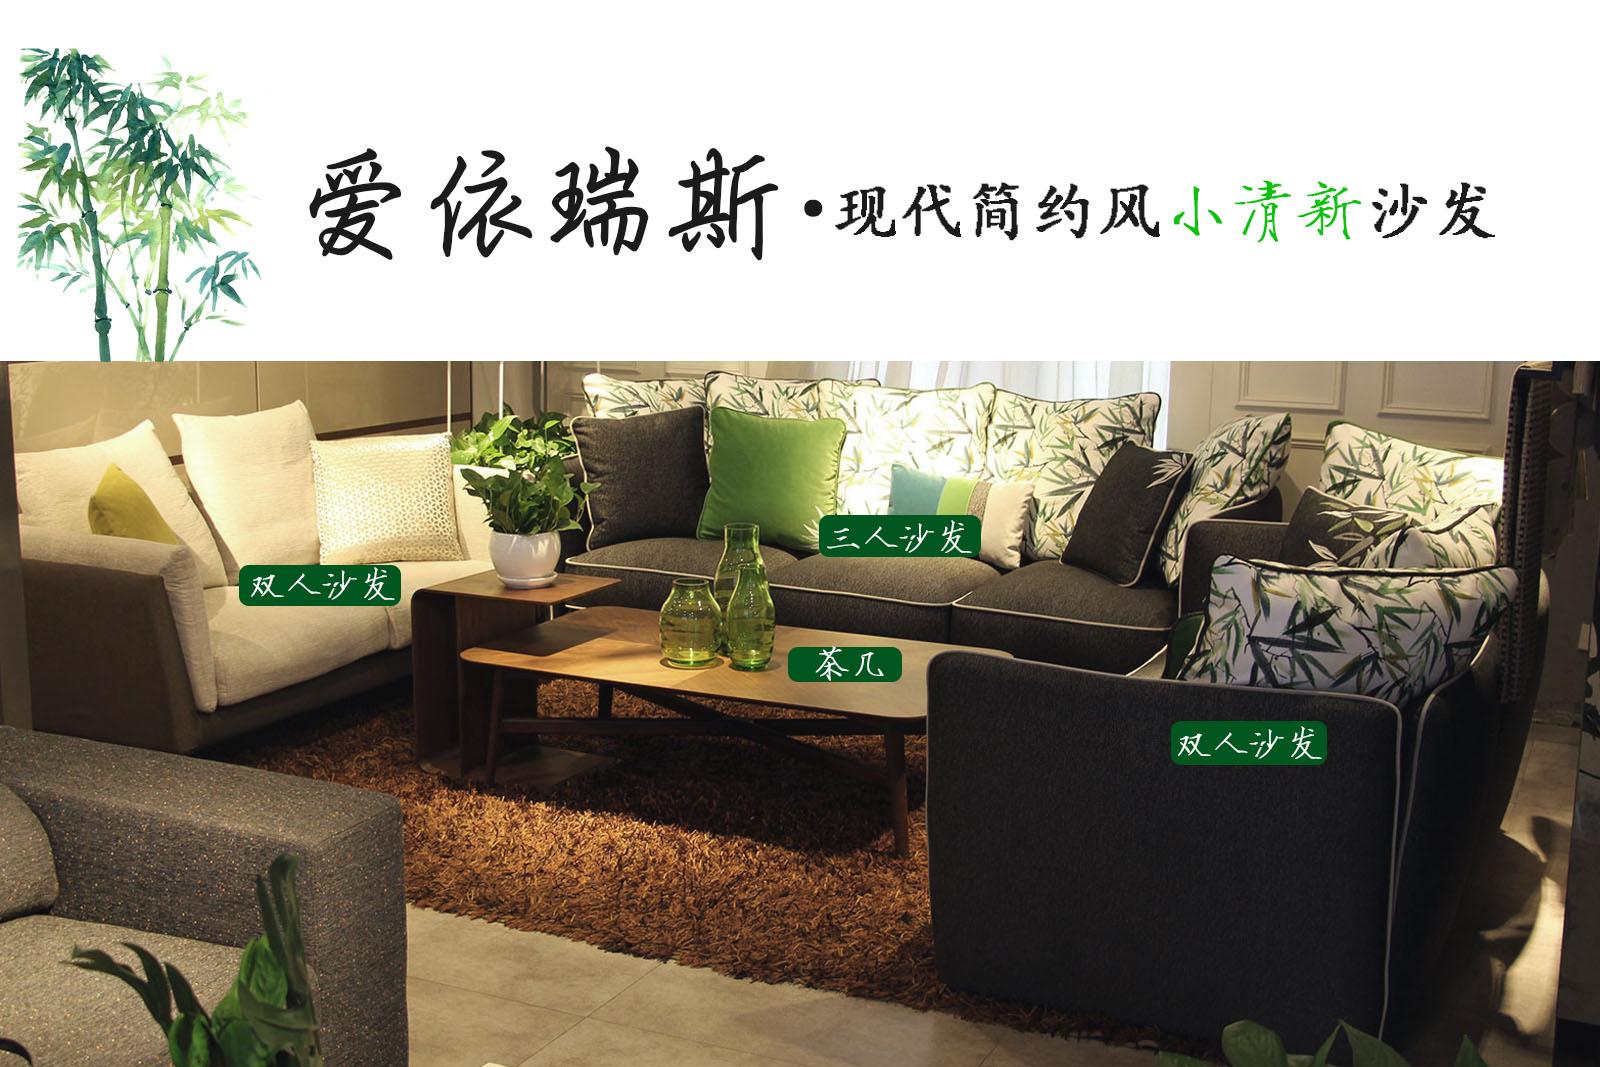 现代简约风竹叶沙发使家居生活充满生机